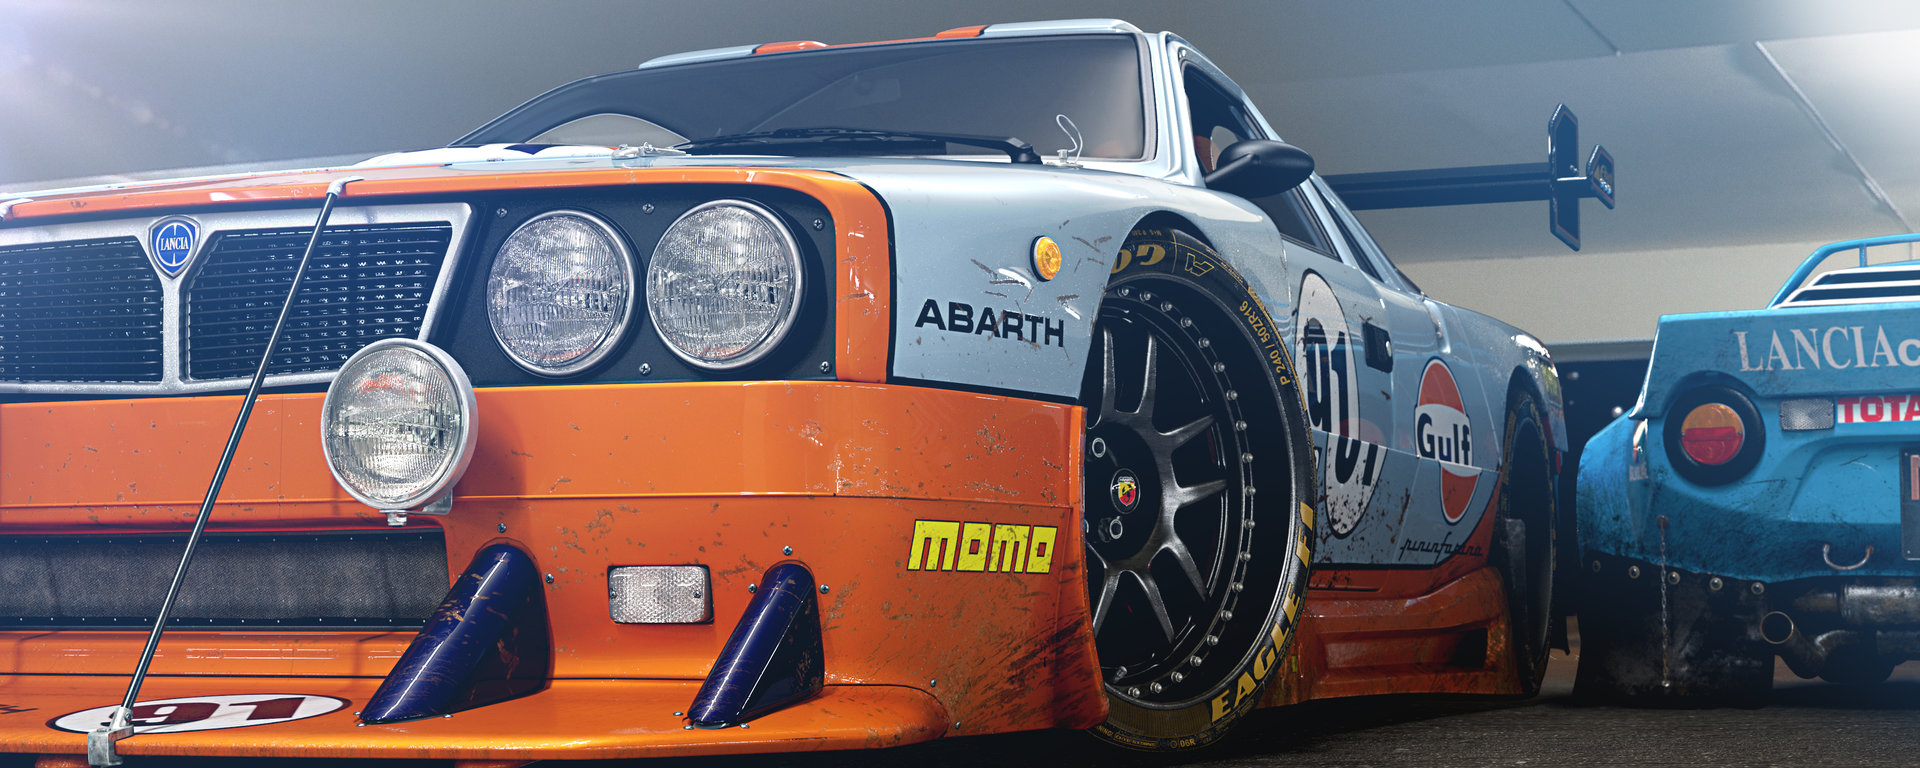 Lancia 037 Touring Gulf